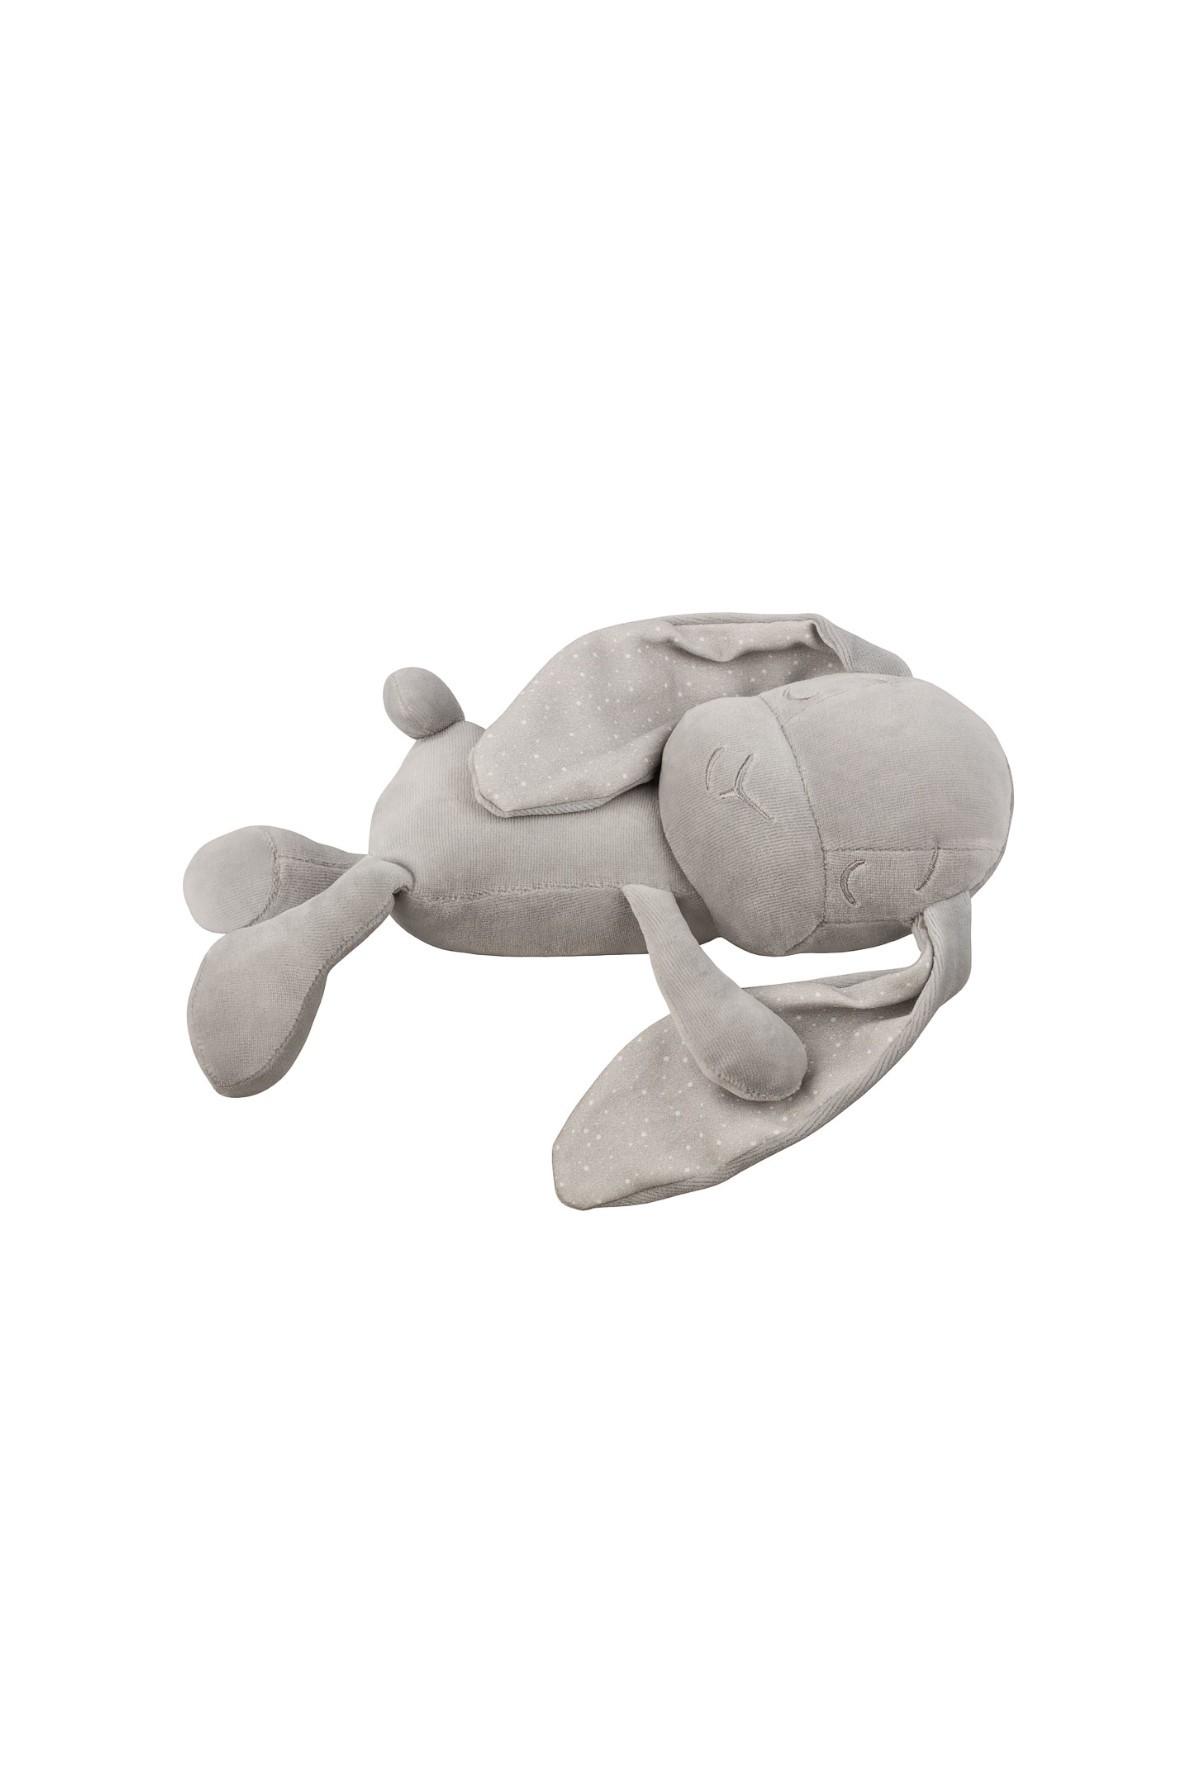 Lawendowy Śpioch - królik Effik by Małgosia Socha szary w kropki